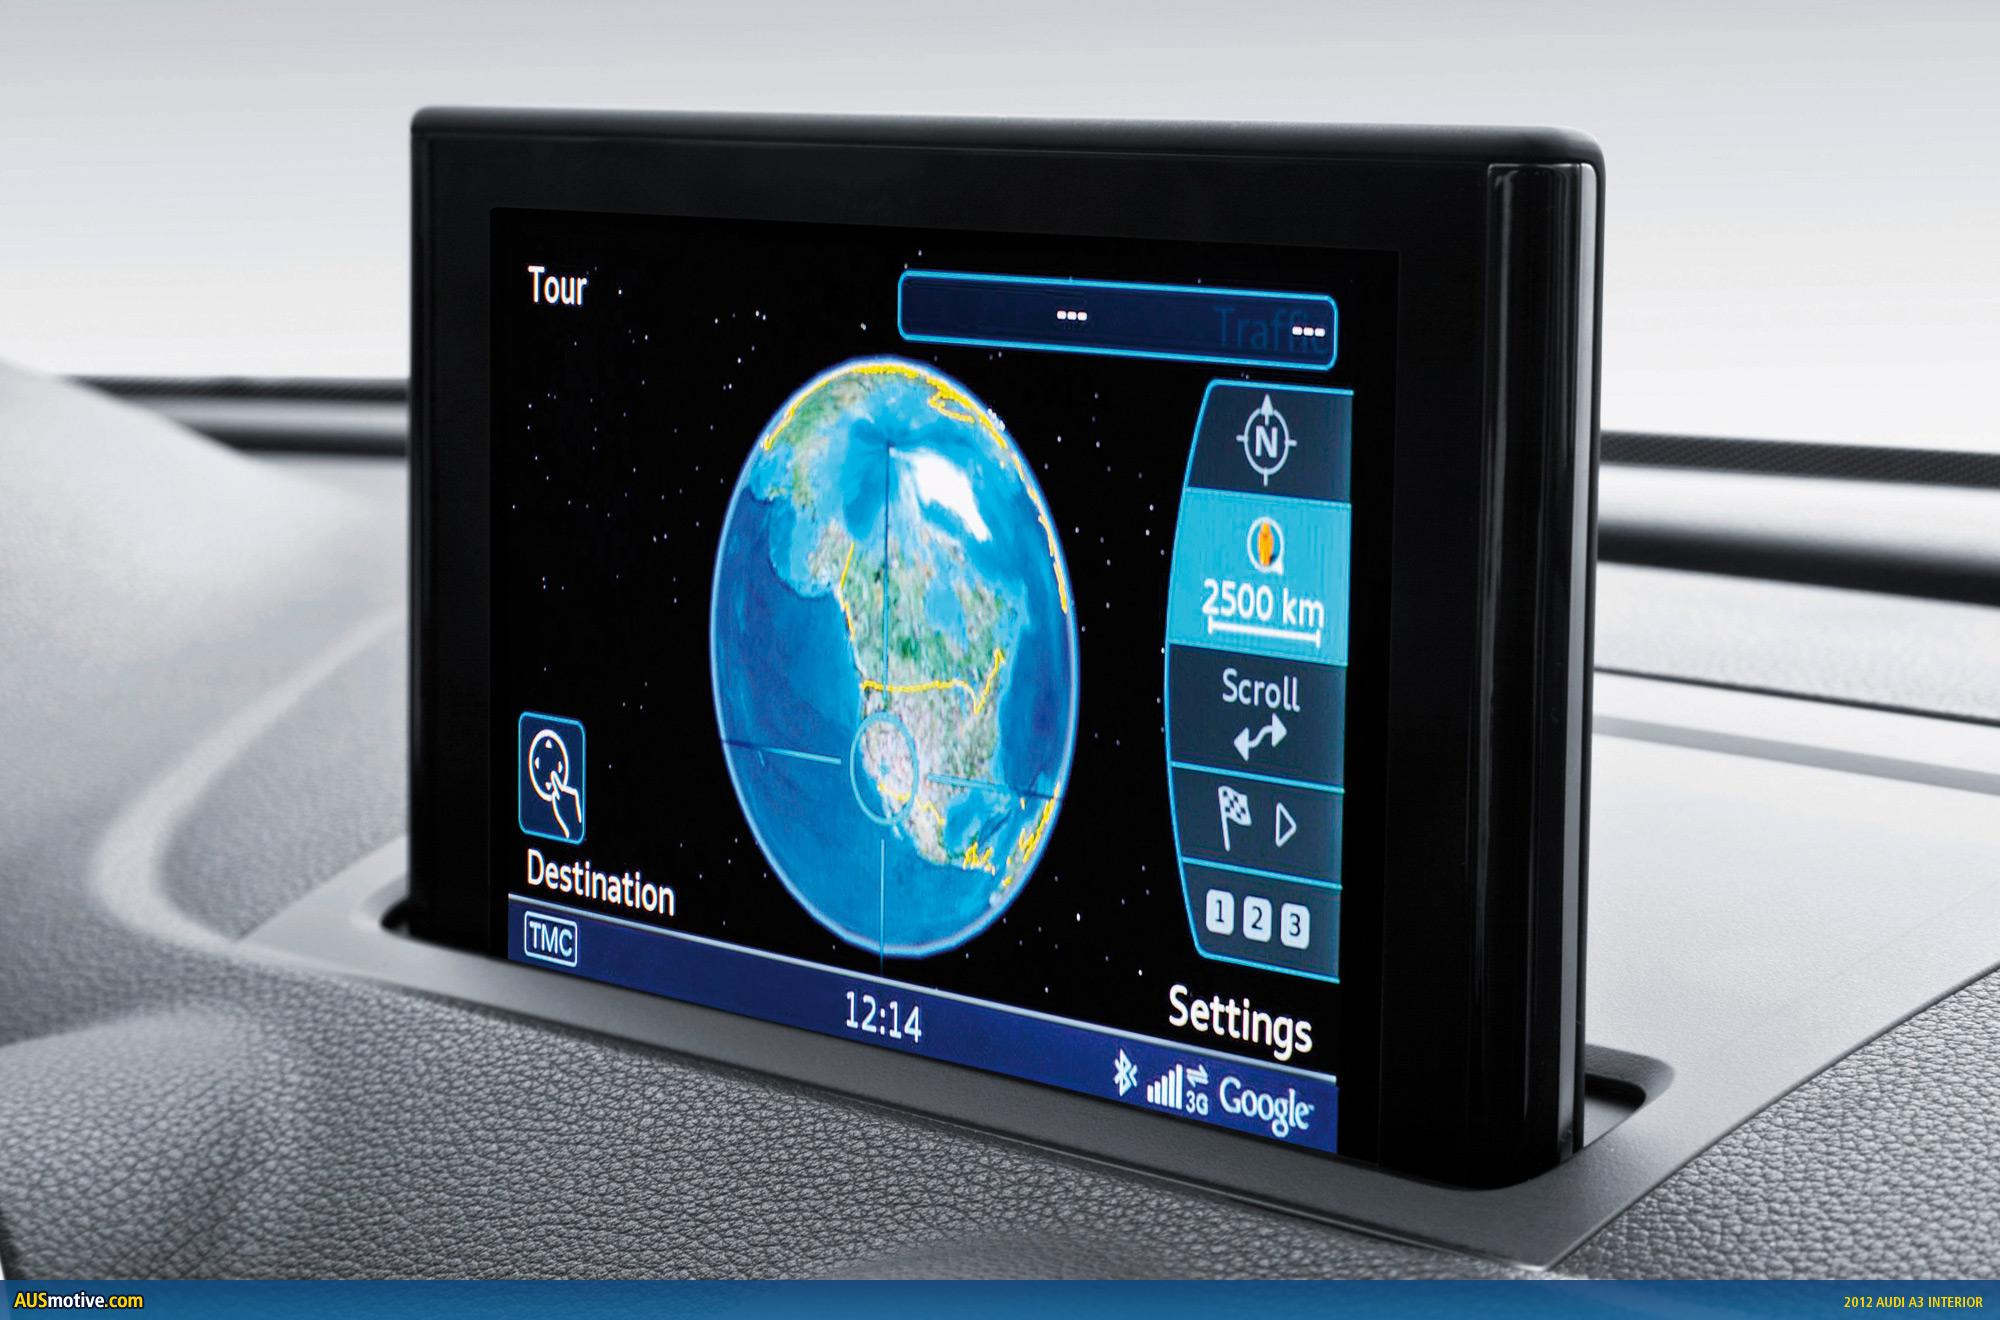 AUSmotive com » 2012 Audi A3 interior (and more) revealed